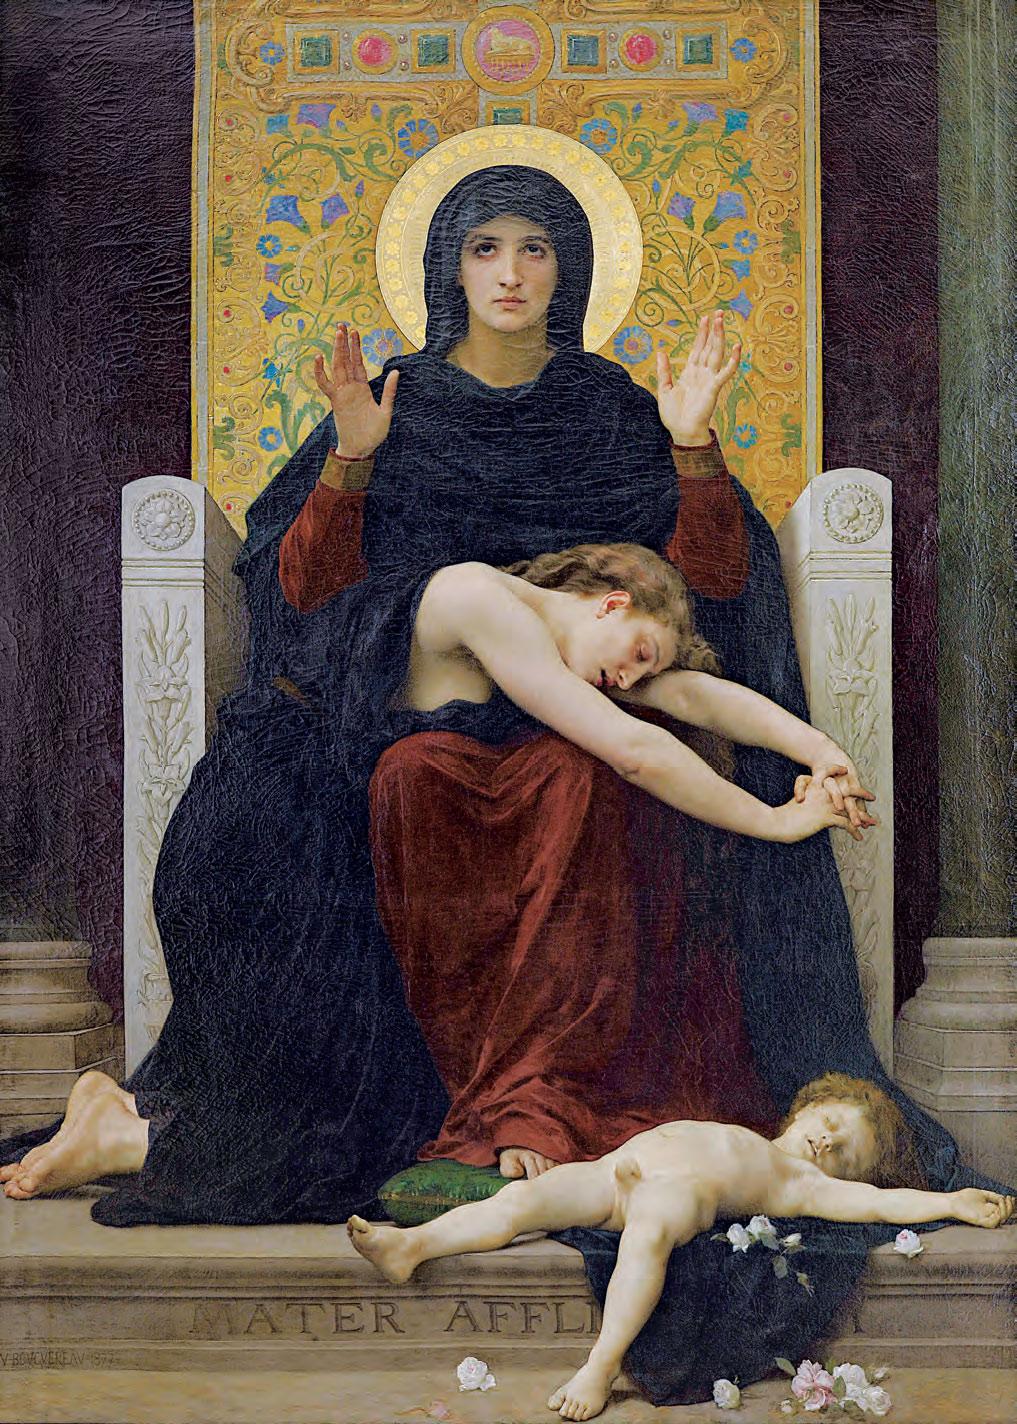 William-Adolphe Bouguereau, Vergine consolatrice (1877; olio su tela, 204 x 148 cm; Parigi, Musée d'Orsay, in deposito presso il Musée des Beaux-Arts, Strasburgo)